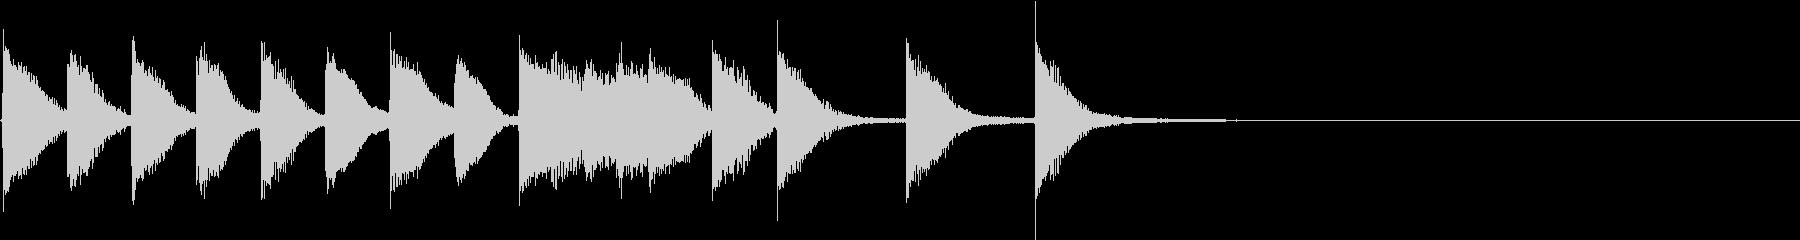 明るく かわいいピアノサウンドロゴ08の未再生の波形